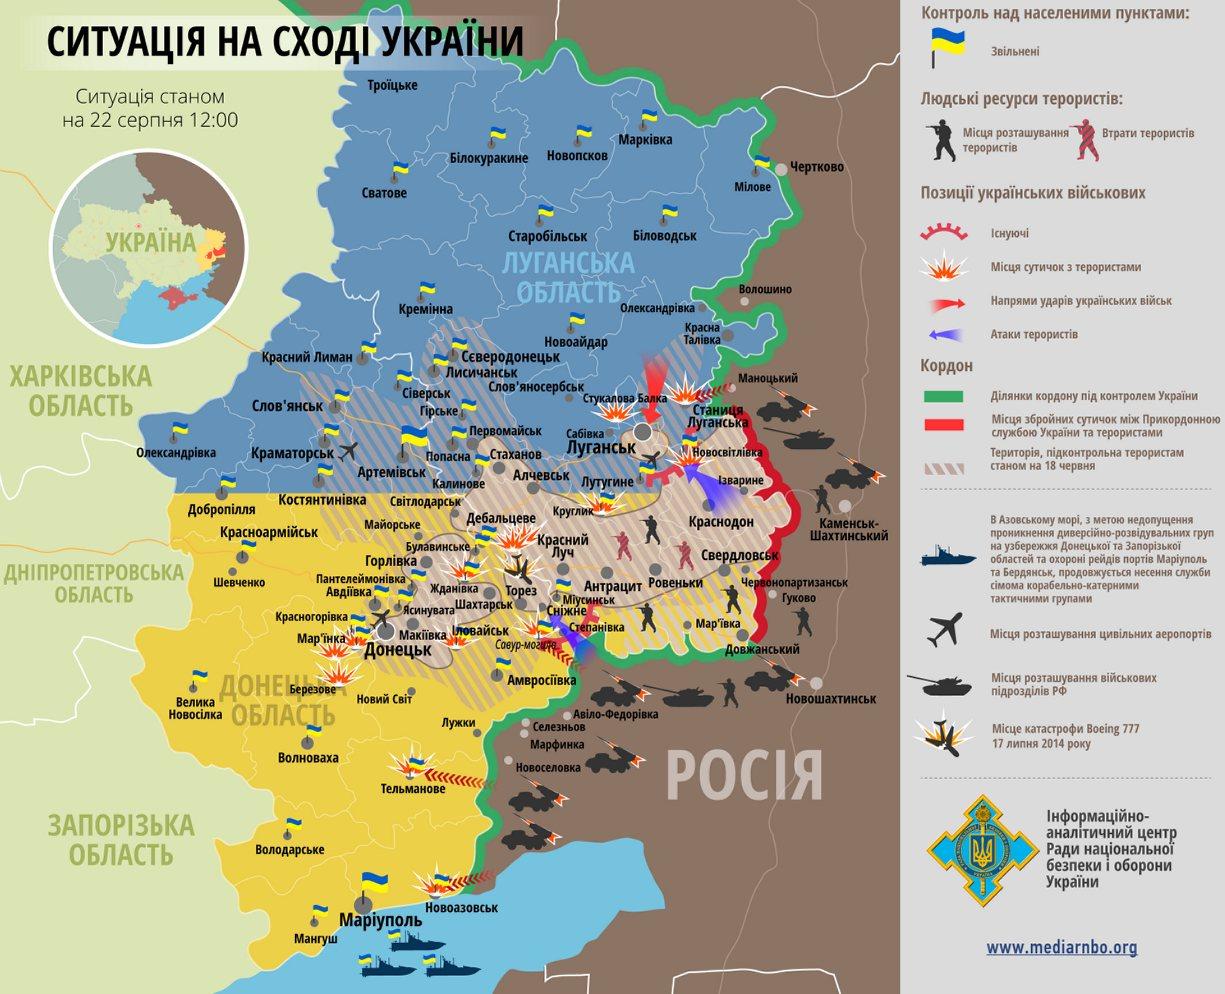 Конвой РФ загострив ситуацію в зоні АТО: карта боїв